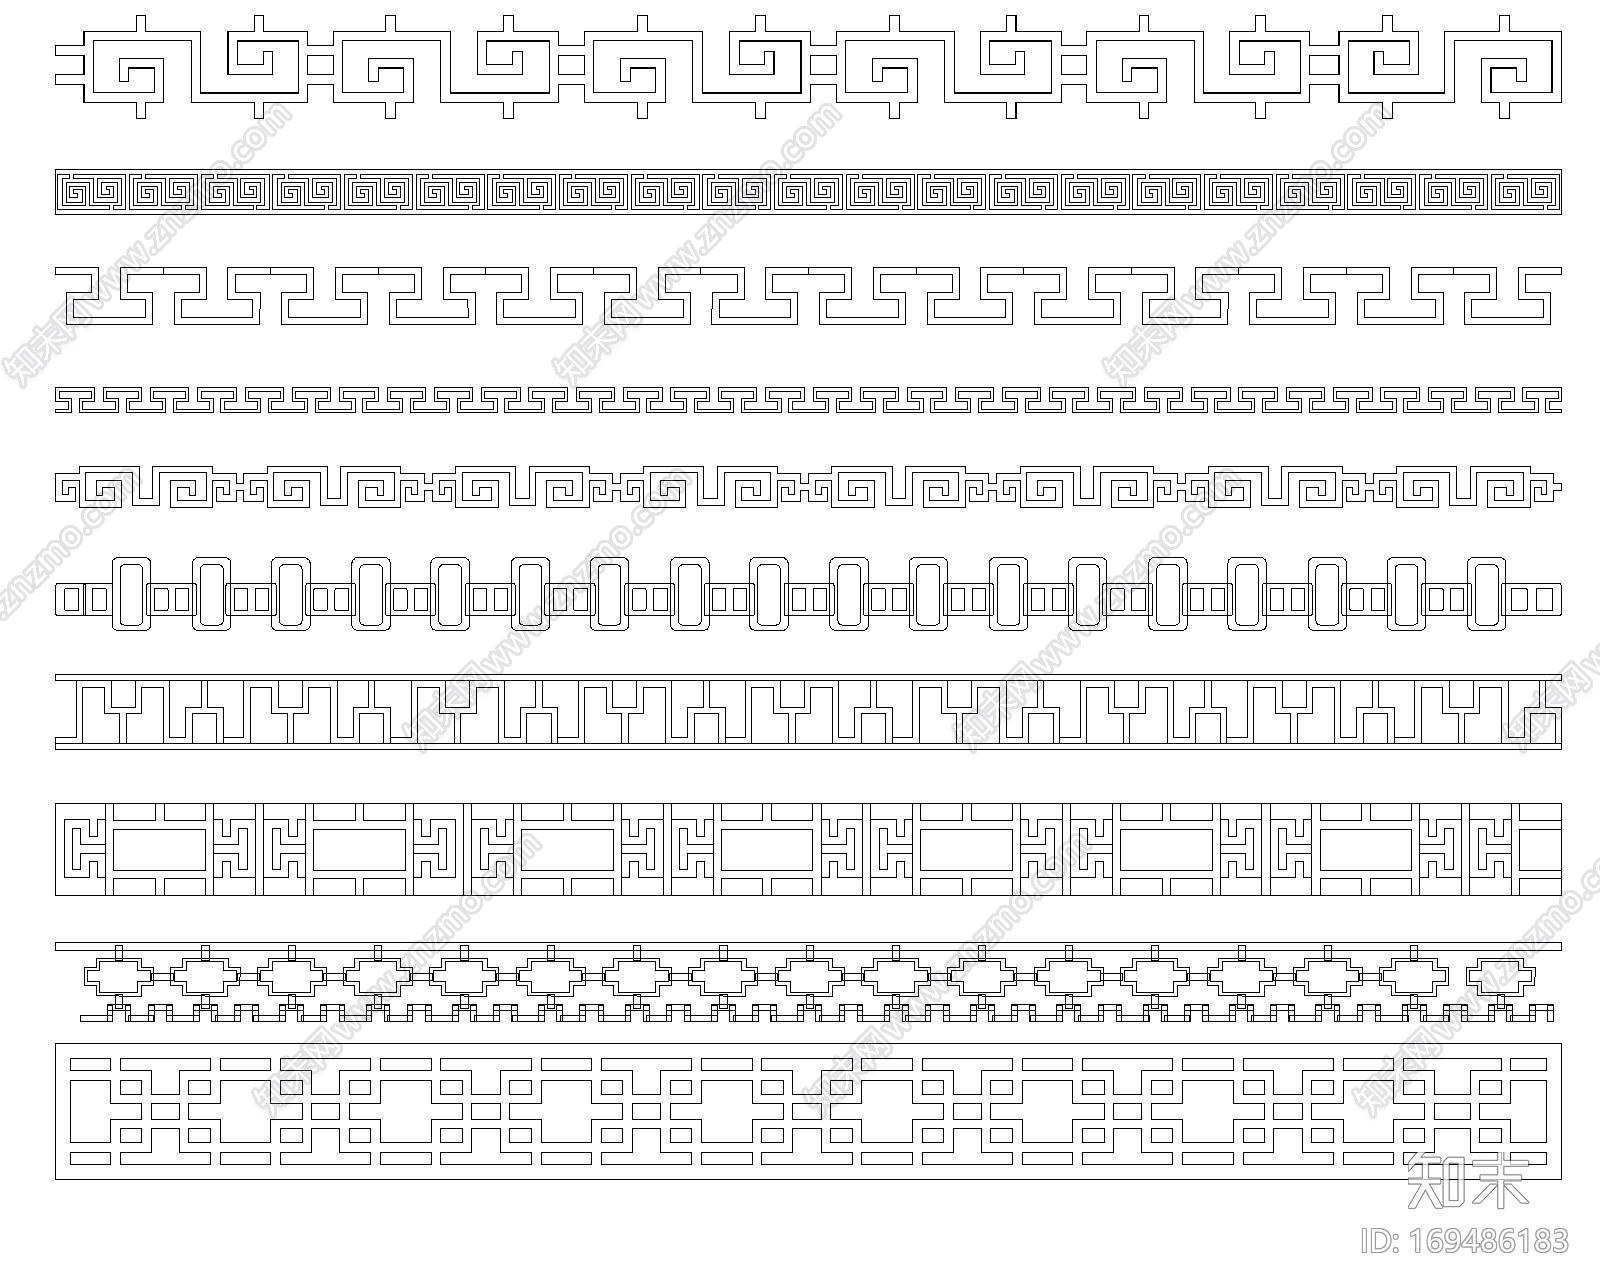 中式雕花隔断施工图下载【ID:169486183】